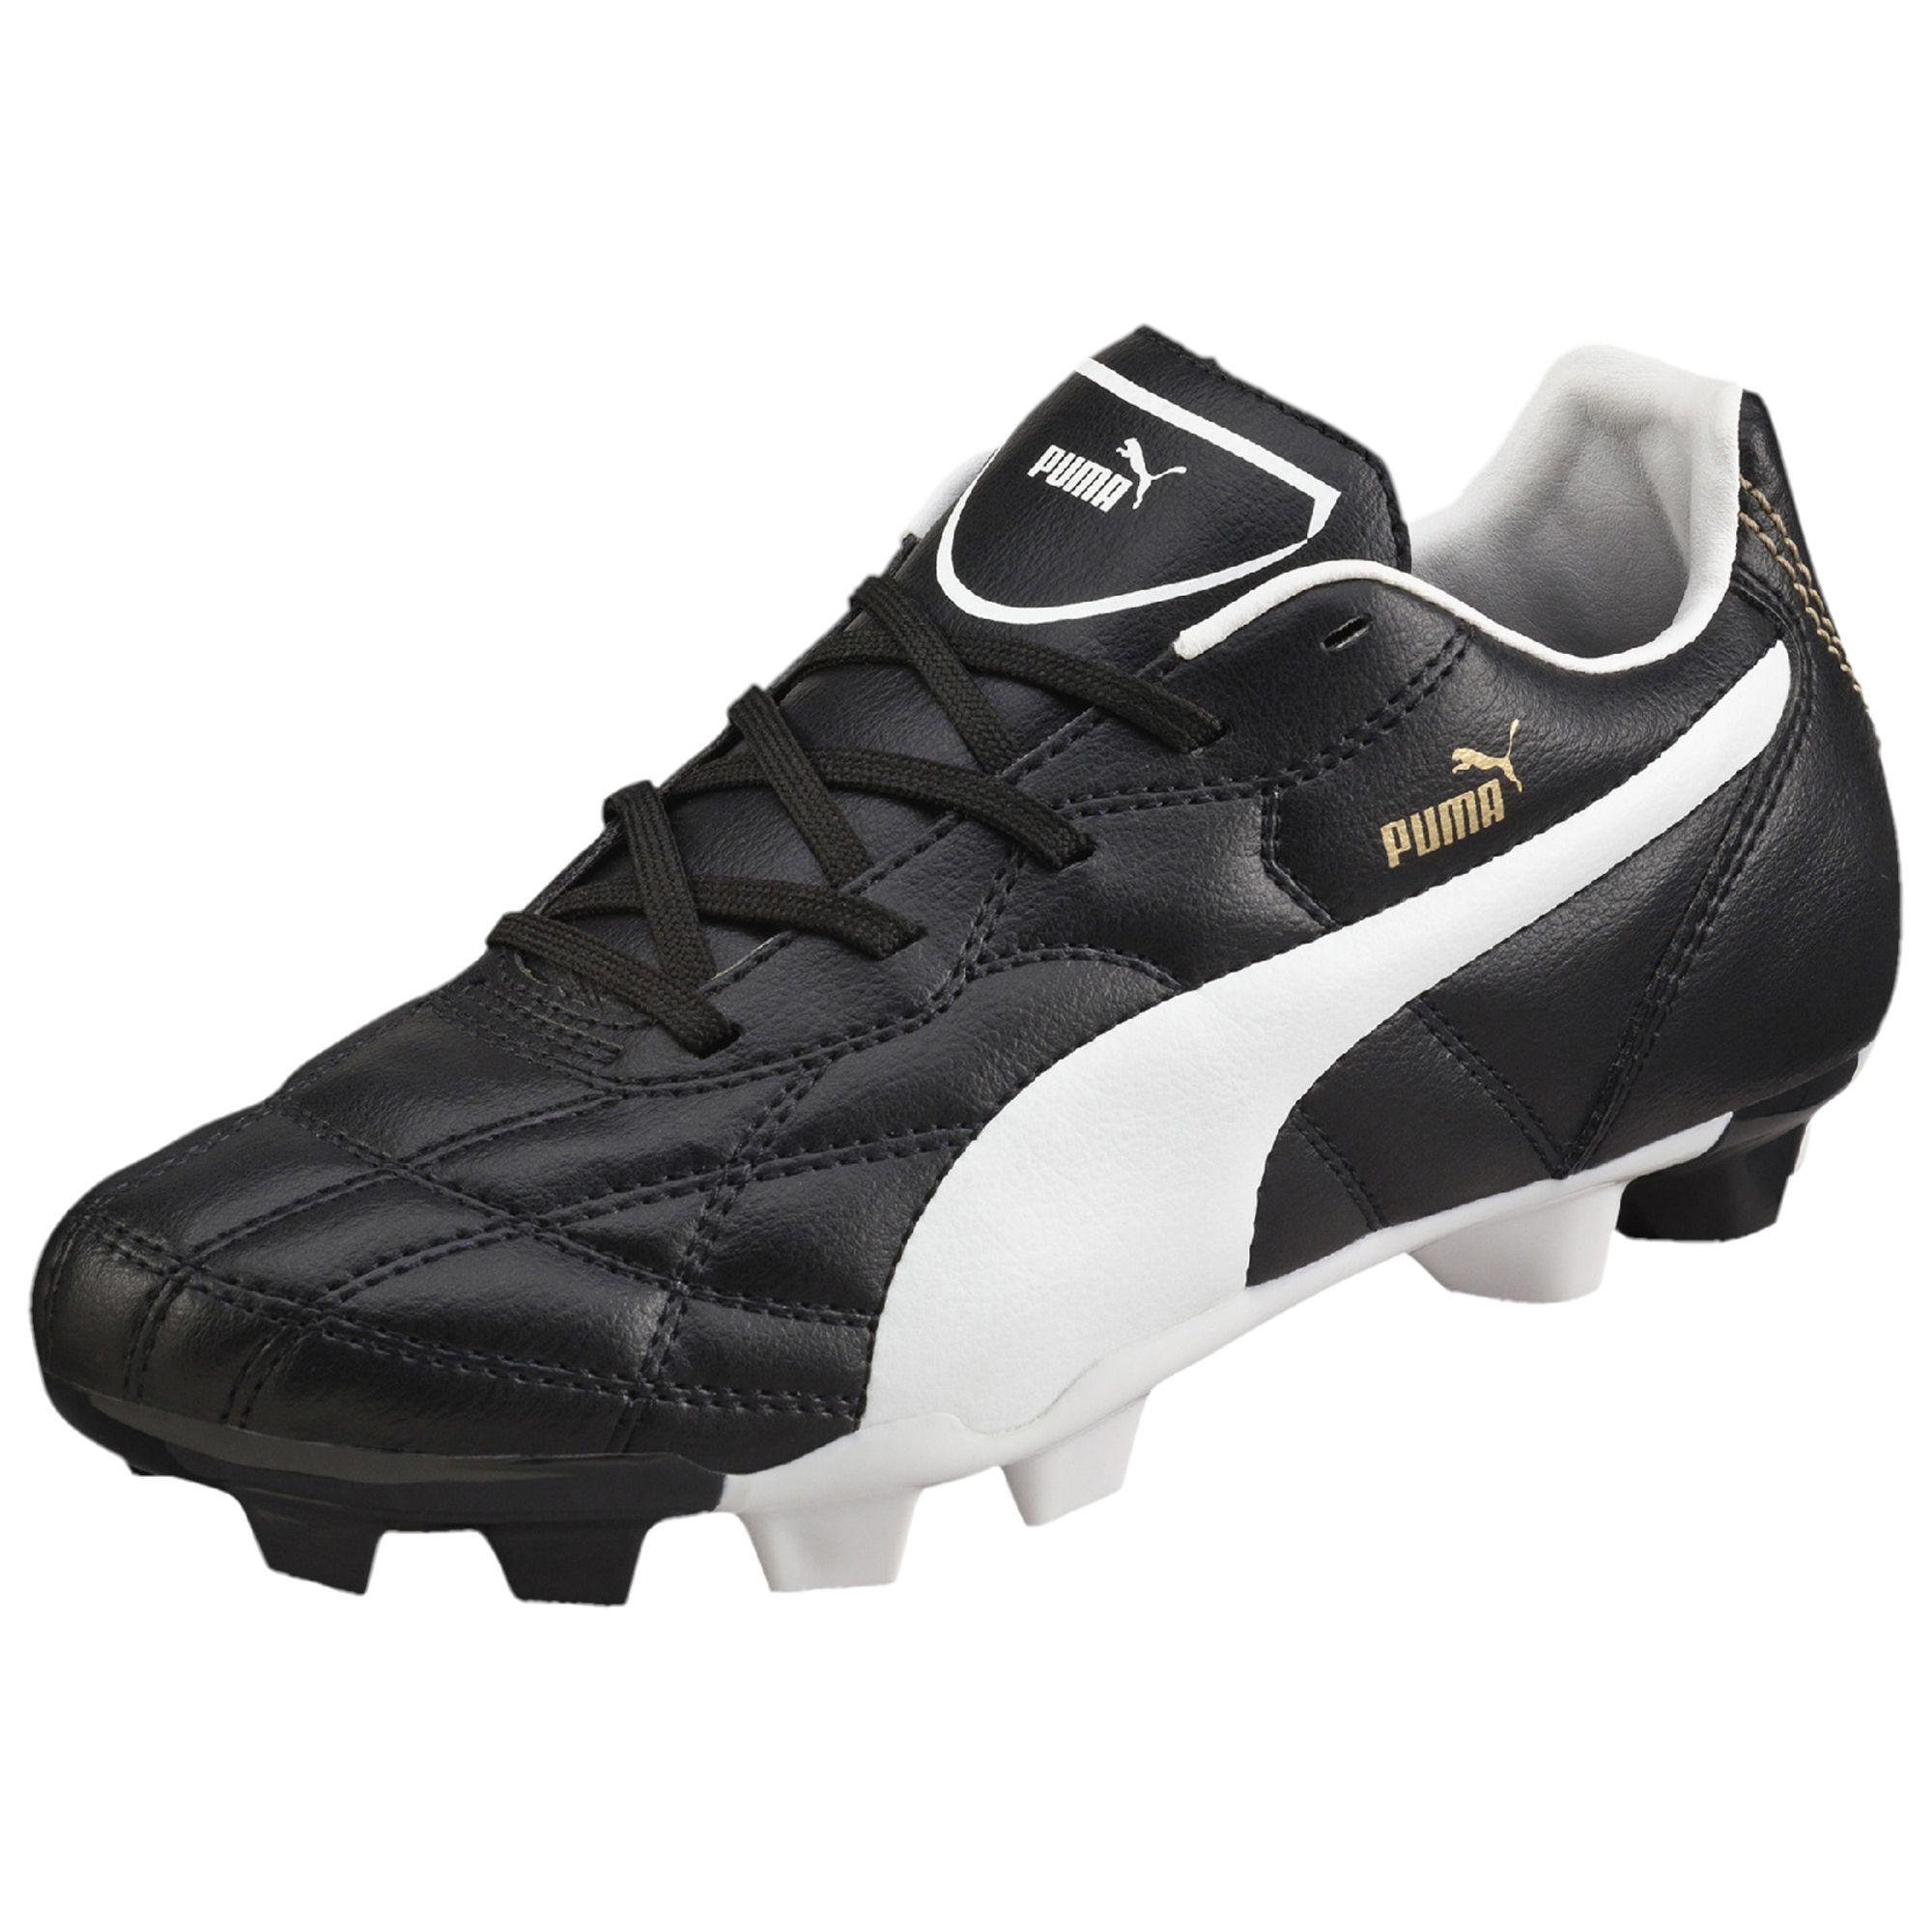 puma chaussure de foot classico fg enfants chaussures football unisexe nouveau ebay. Black Bedroom Furniture Sets. Home Design Ideas